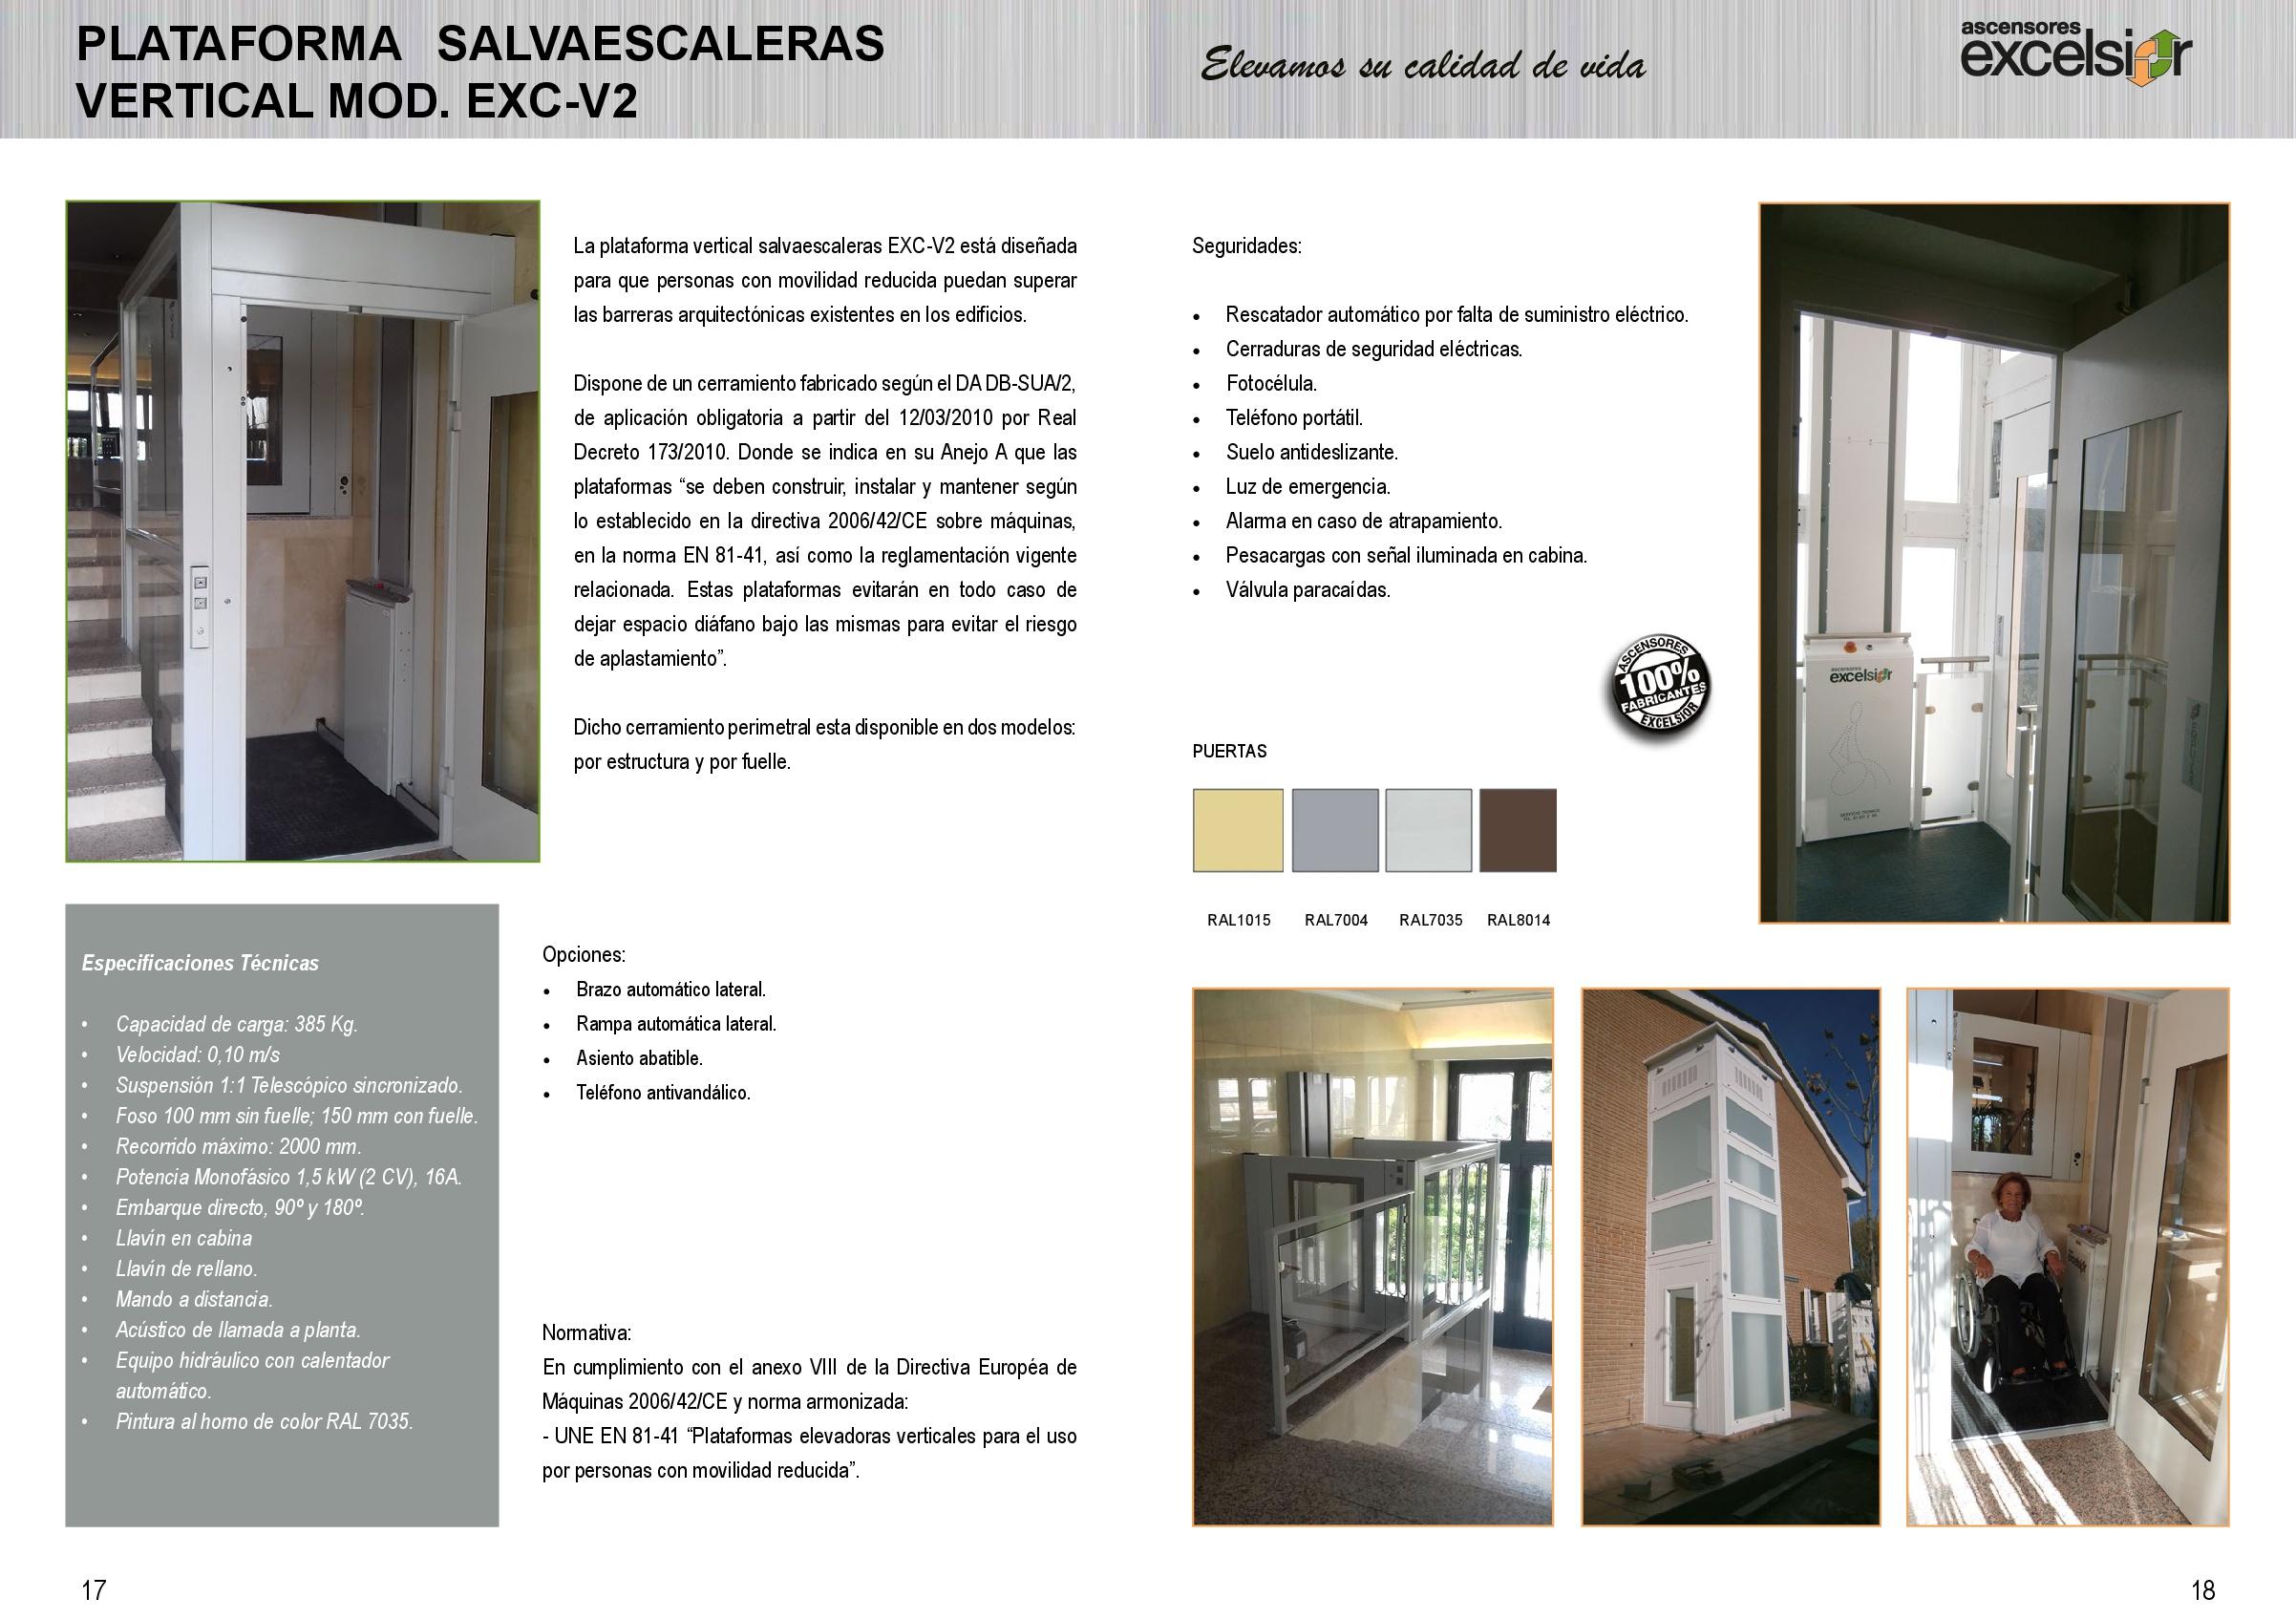 Plataformas salvaescaleras personales original español